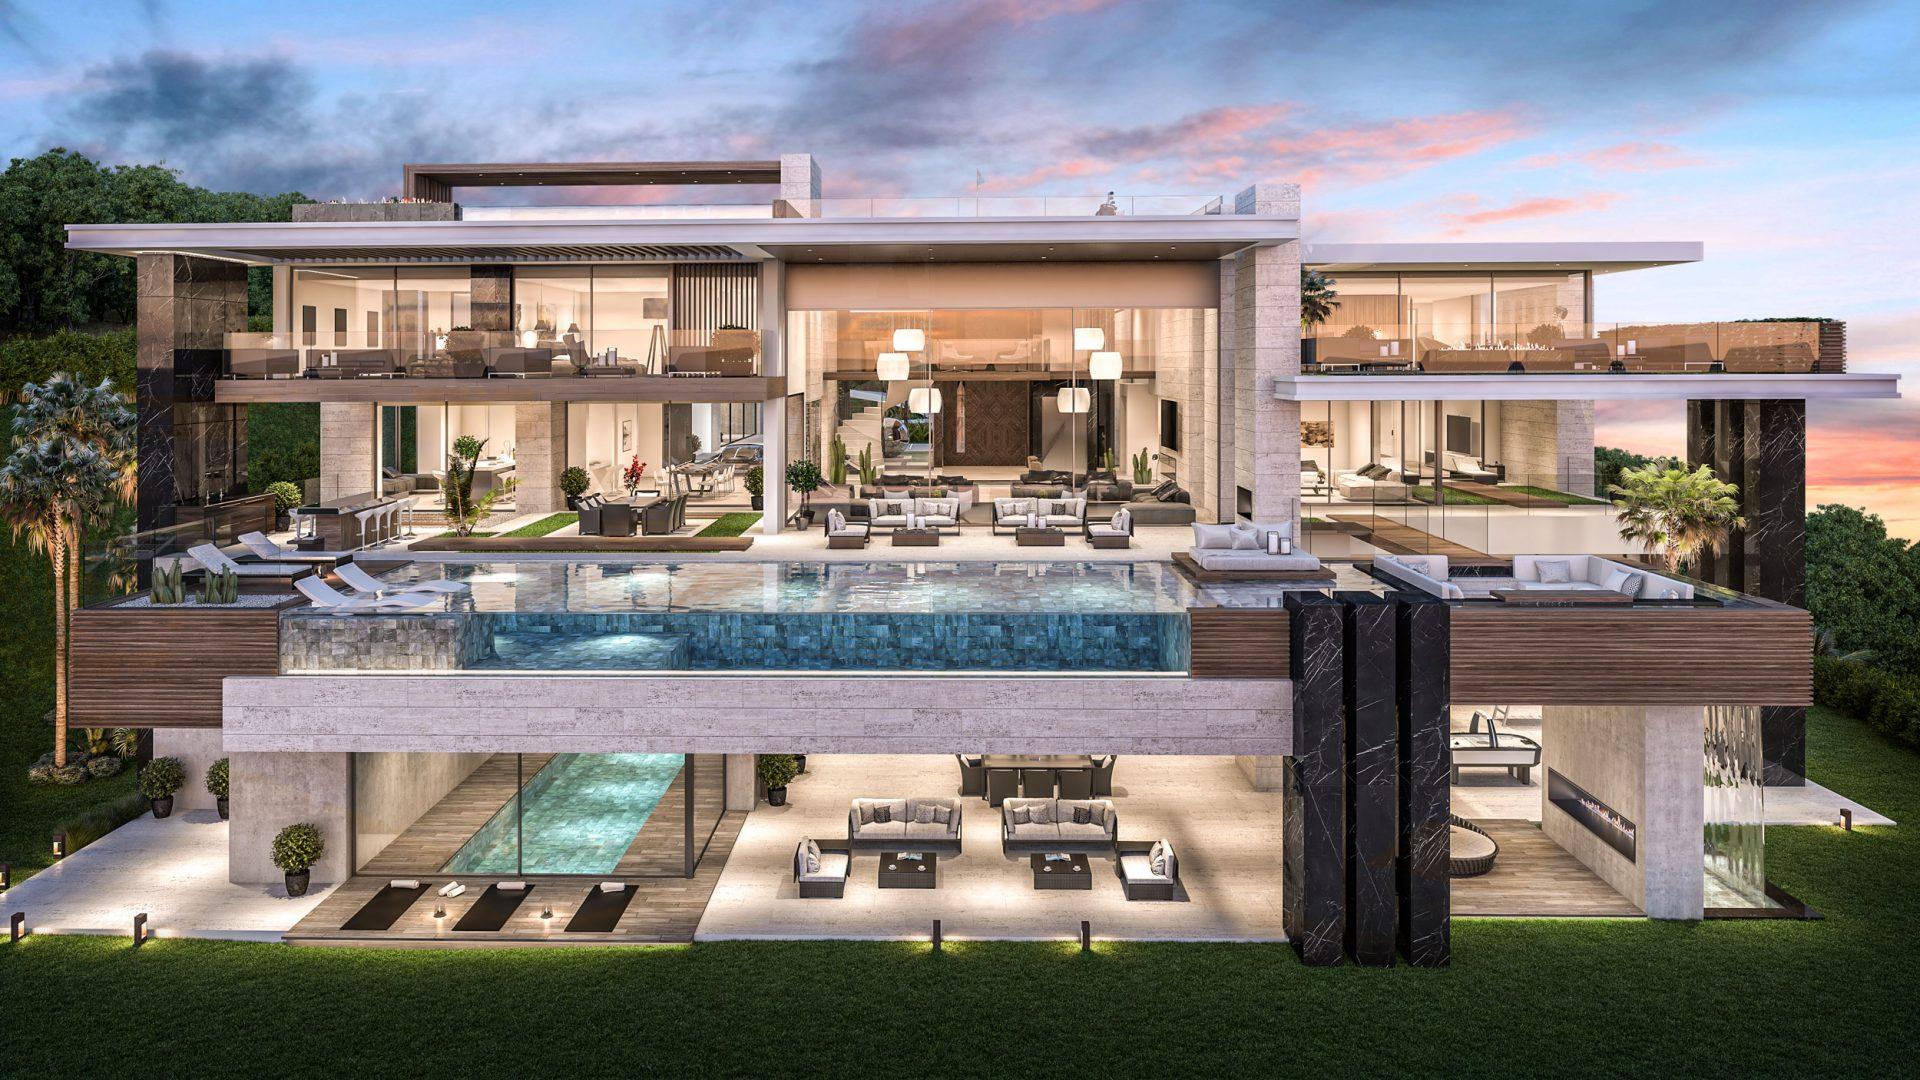 new-architecture-design-luxuryvilla-zagaleta-marbella-06